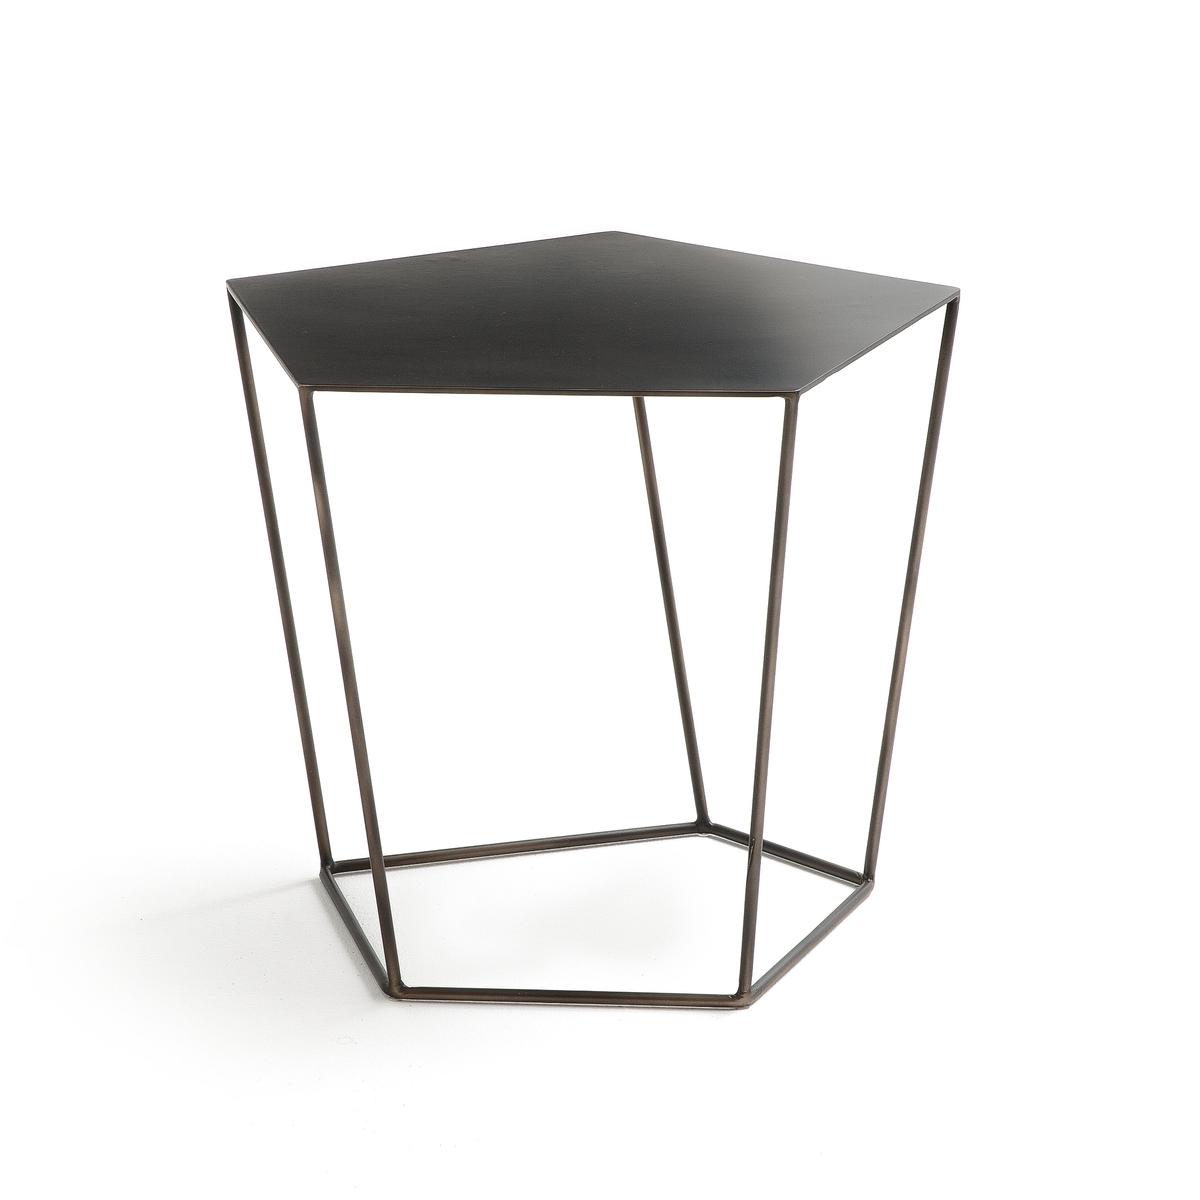 Столик журнальный металлический, В40 см, DisicoleЖурнальный столик Disicole. Столешница оригинальной шестиугольной формы. Можно сочетать с соответствующим журнальным столиком В.50 см от Disicole, продающемся на нашем сайте.Характеристики :- Металл с эффектом старения- Поставляется в собранном видеРазмер :- Ш.46,8 x В.40 x Г.44,6 см, 5,8 кгРазмеры и вес упаковки :- Ш.58,1 x В.46,4 x Г.55,9 см, 12 кг<br><br>Цвет: темно-серый металл